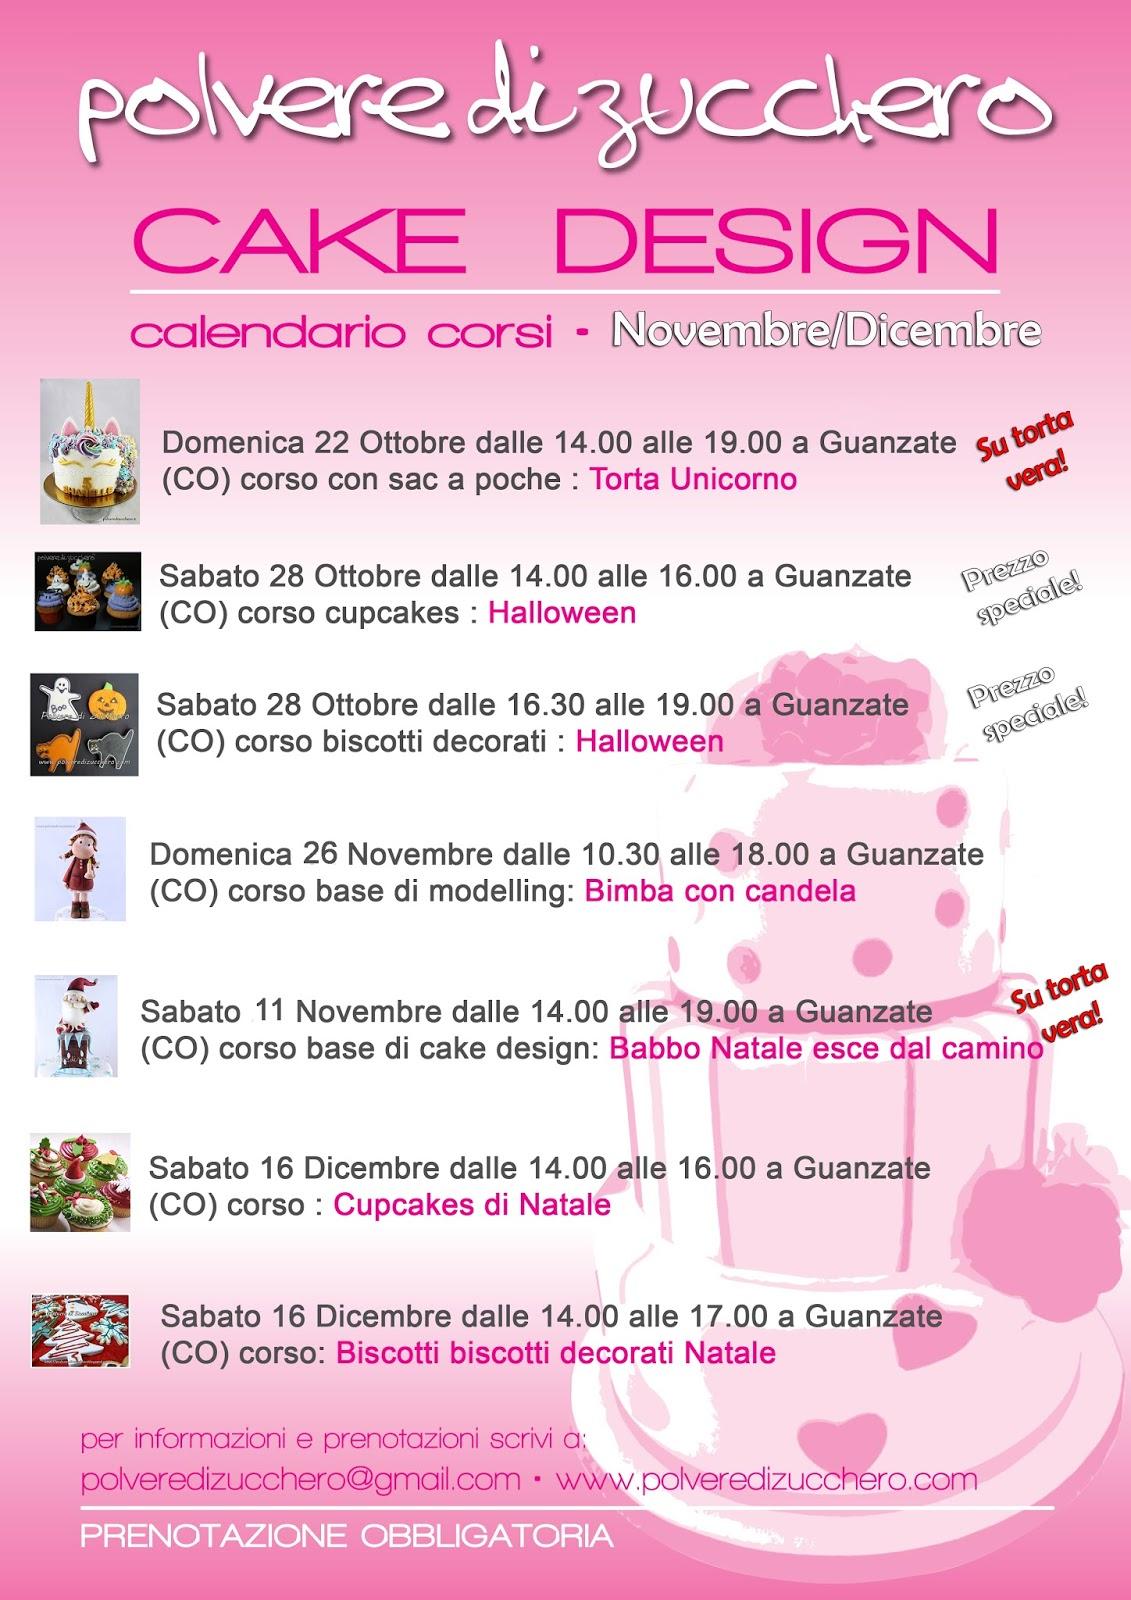 cake design corsi sugar art corso collettivo modelling corso base biscotti cupcake halloween natale